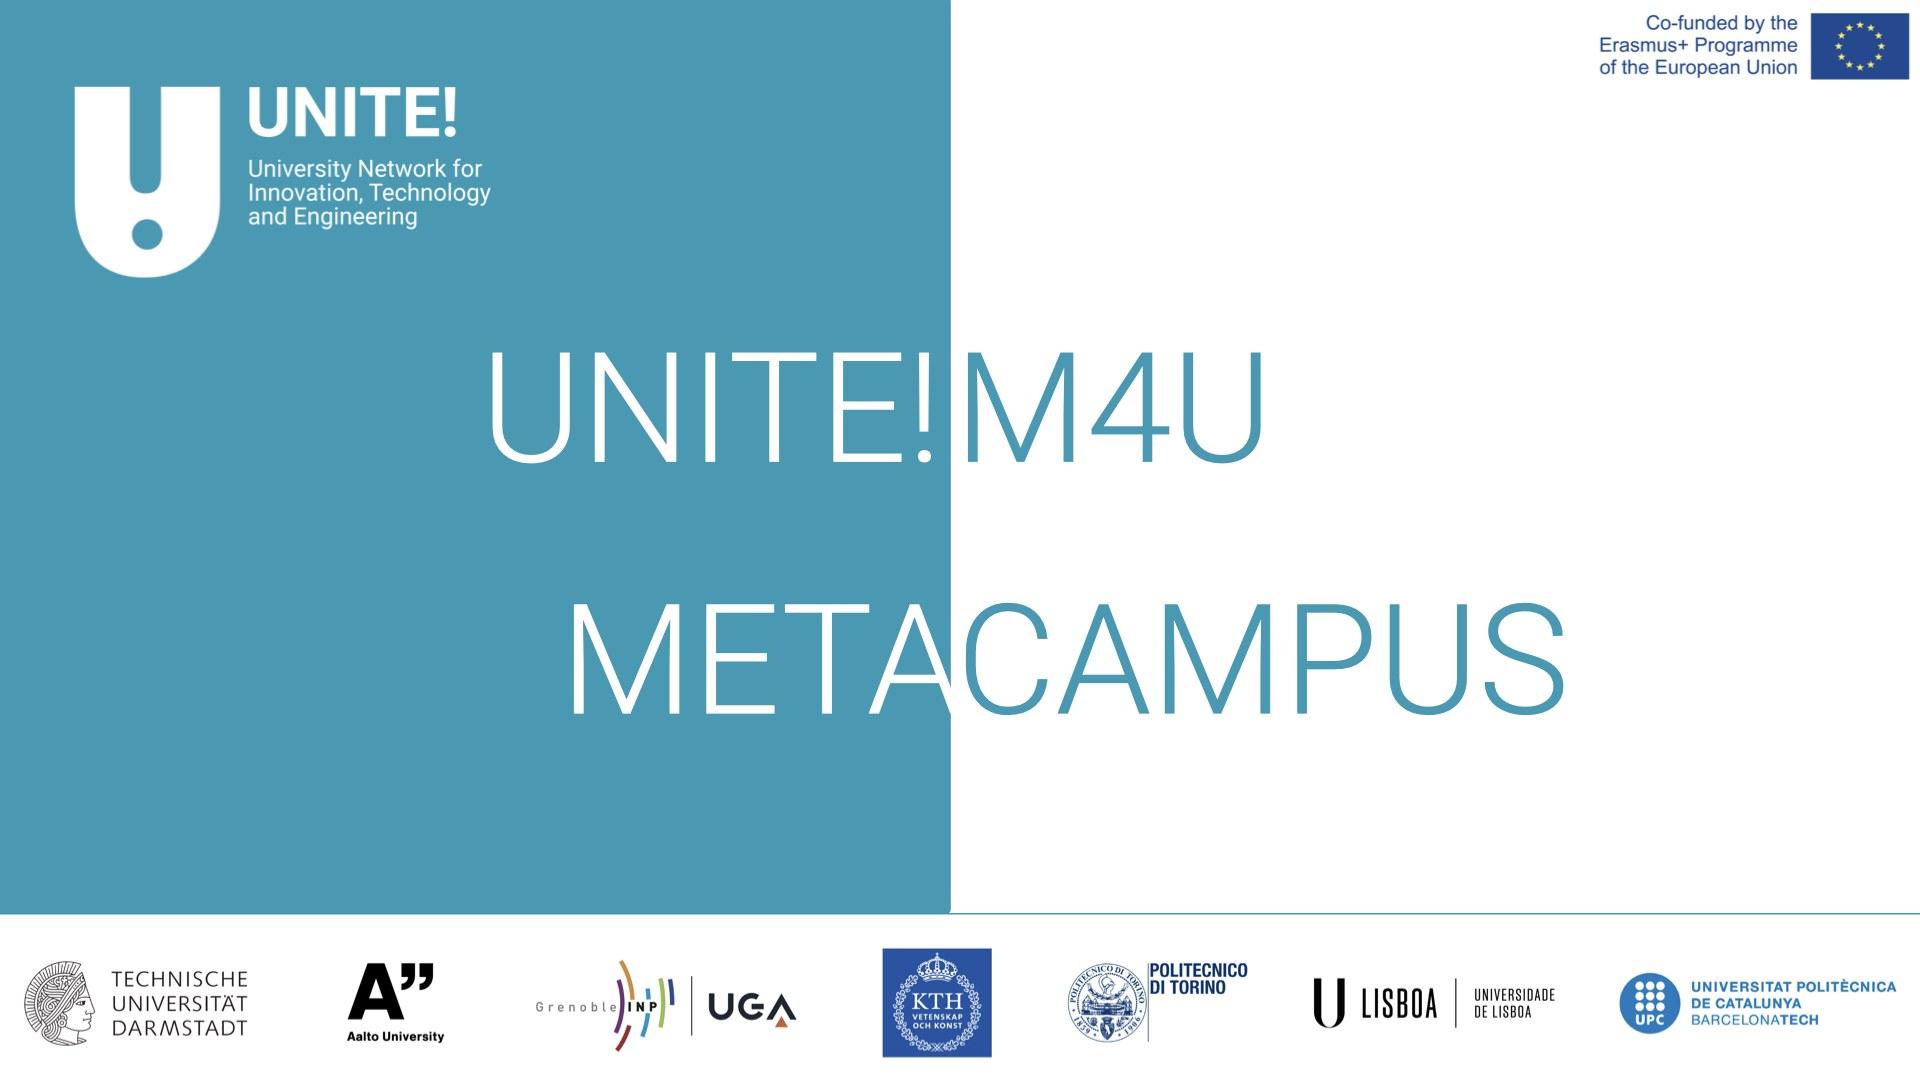 Metacampus UNITE!